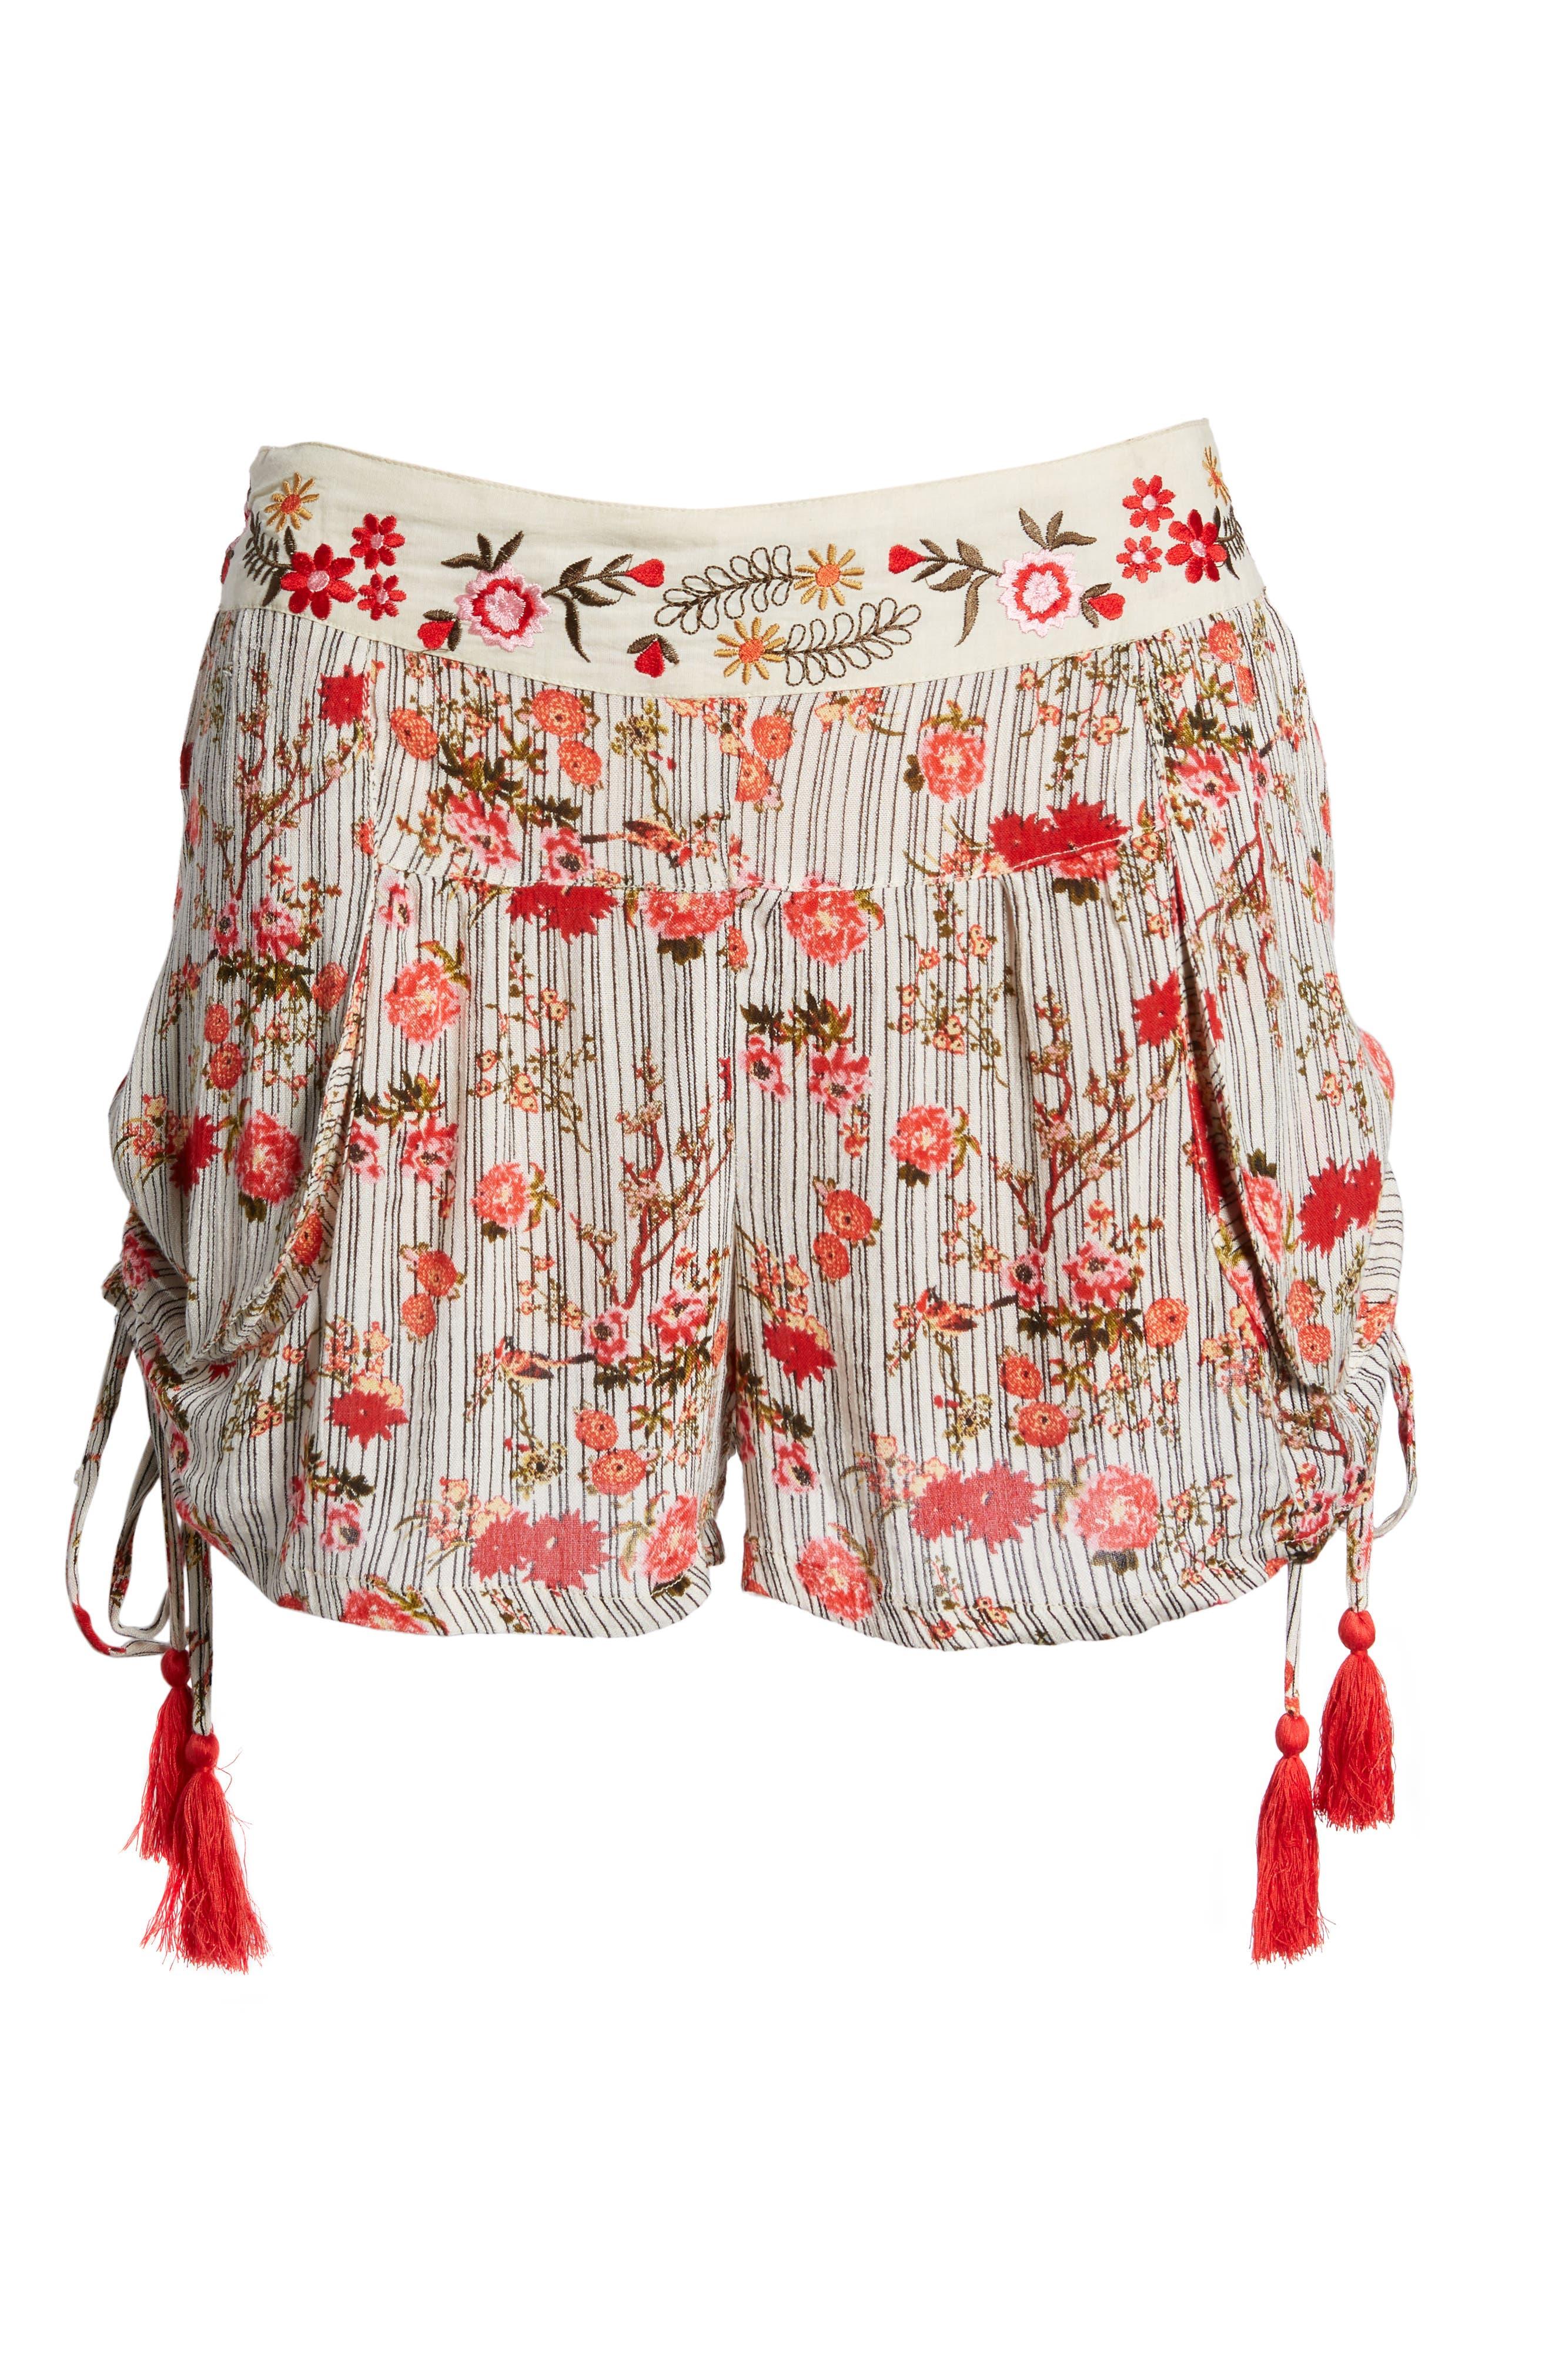 Primrose Floral Print Shorts,                             Alternate thumbnail 8, color,                             Multi